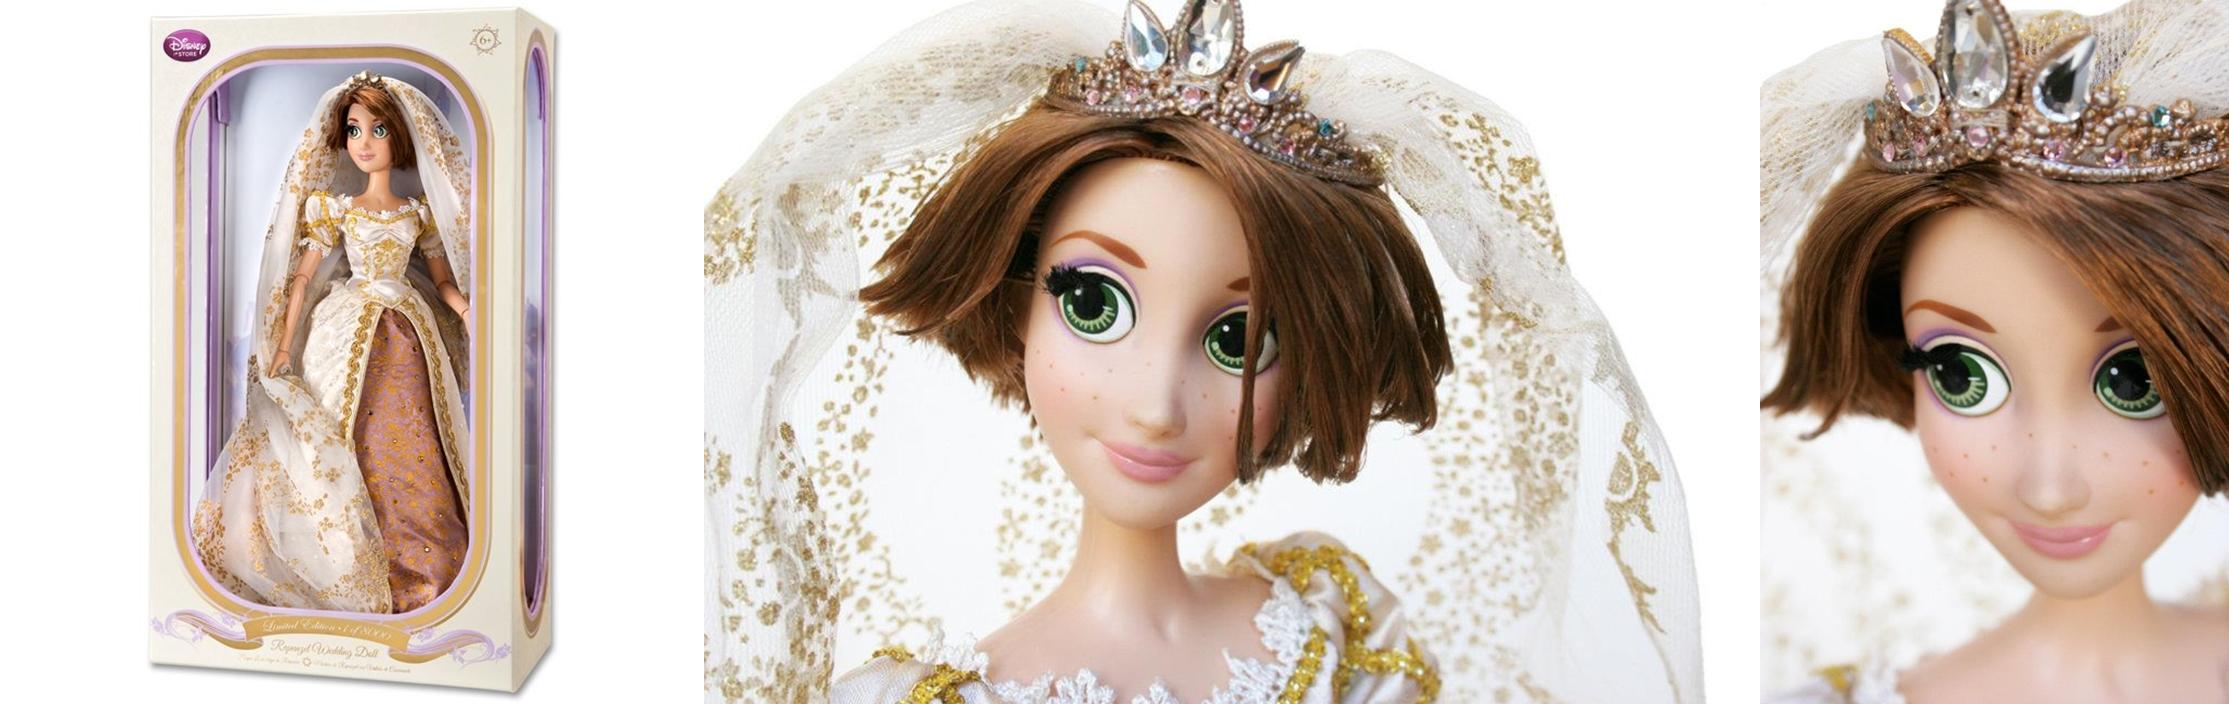 Disney Store Poupées Limited Edition 17'' (depuis 2009) Disney-Store-Limited-Edition-Rapunzel-Wedding-Doll-disney-princess-28749438-2229-704